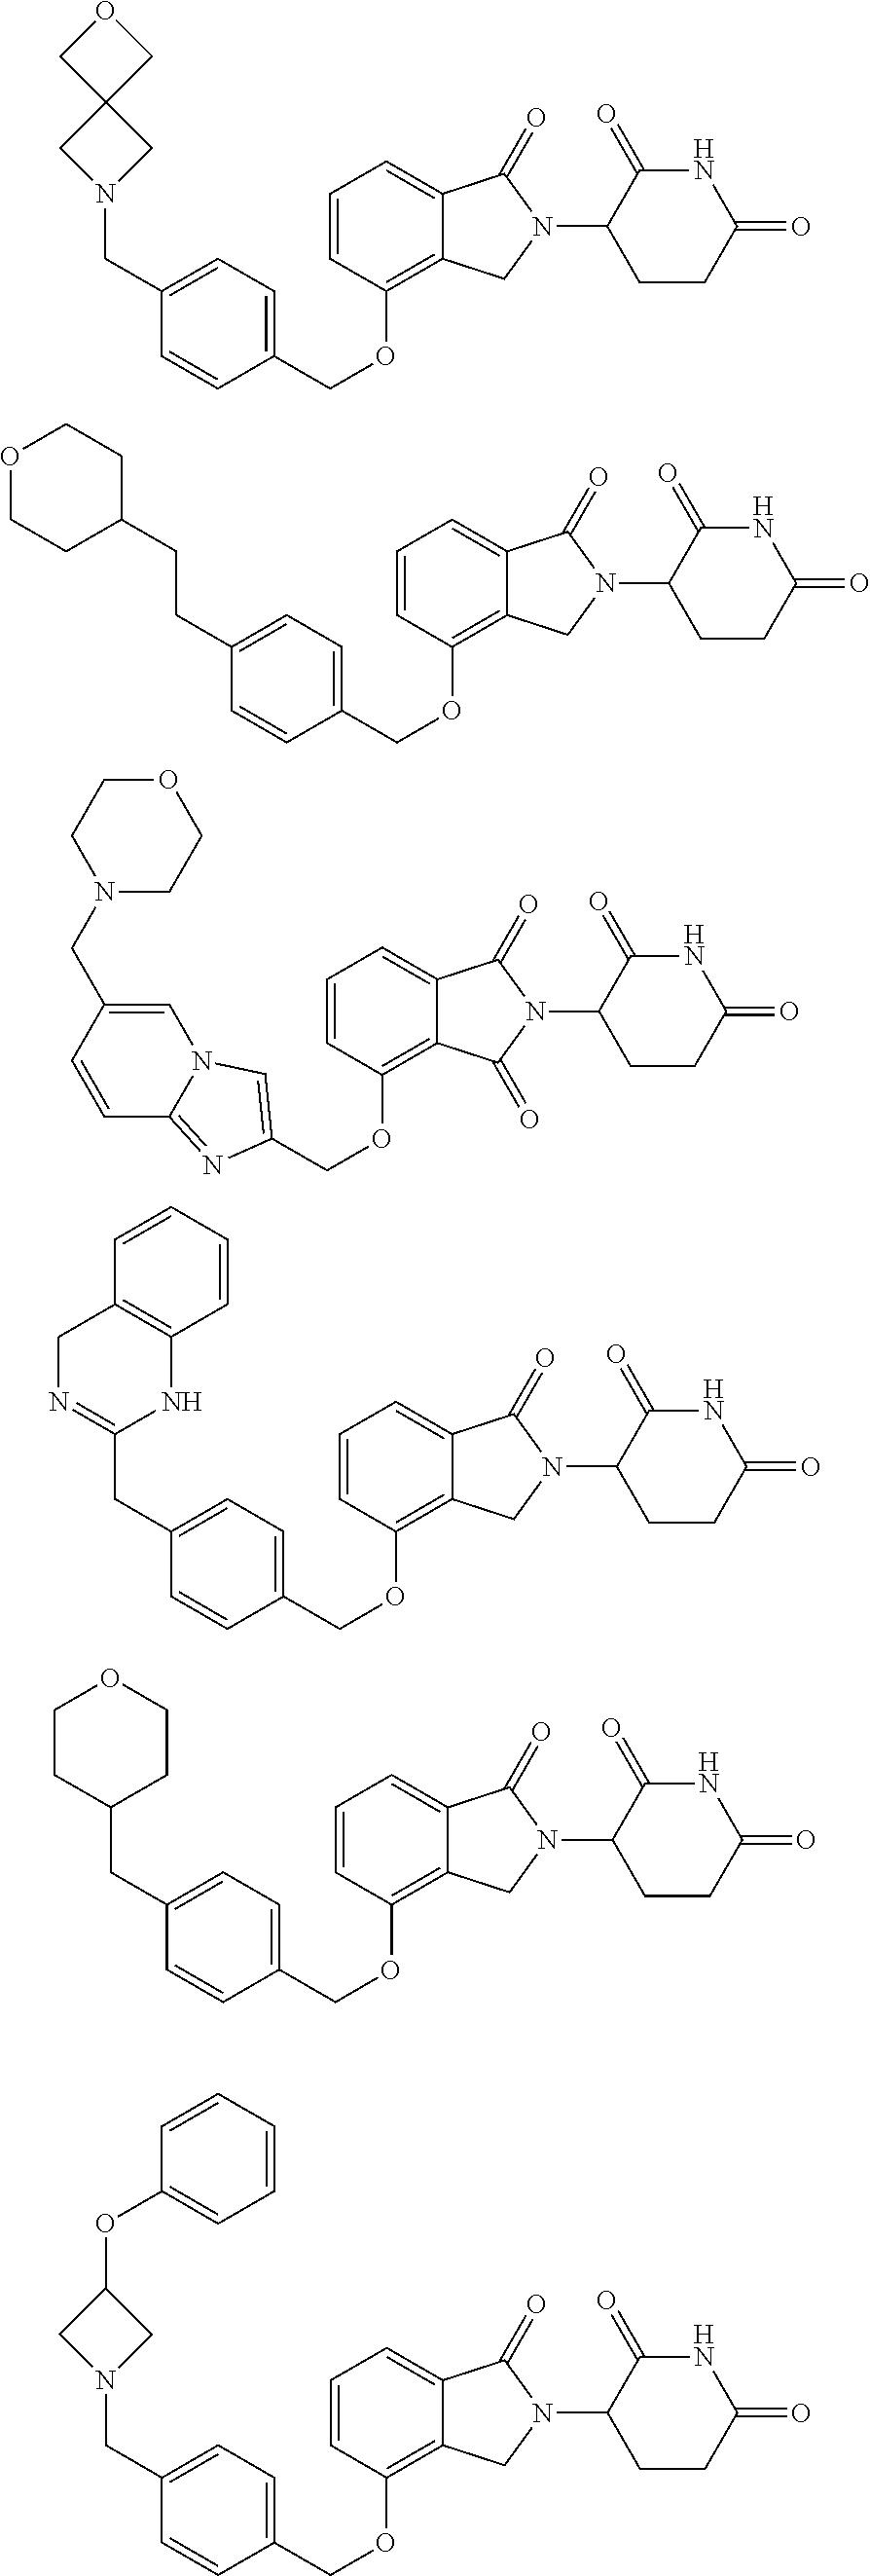 Figure US09822094-20171121-C00016